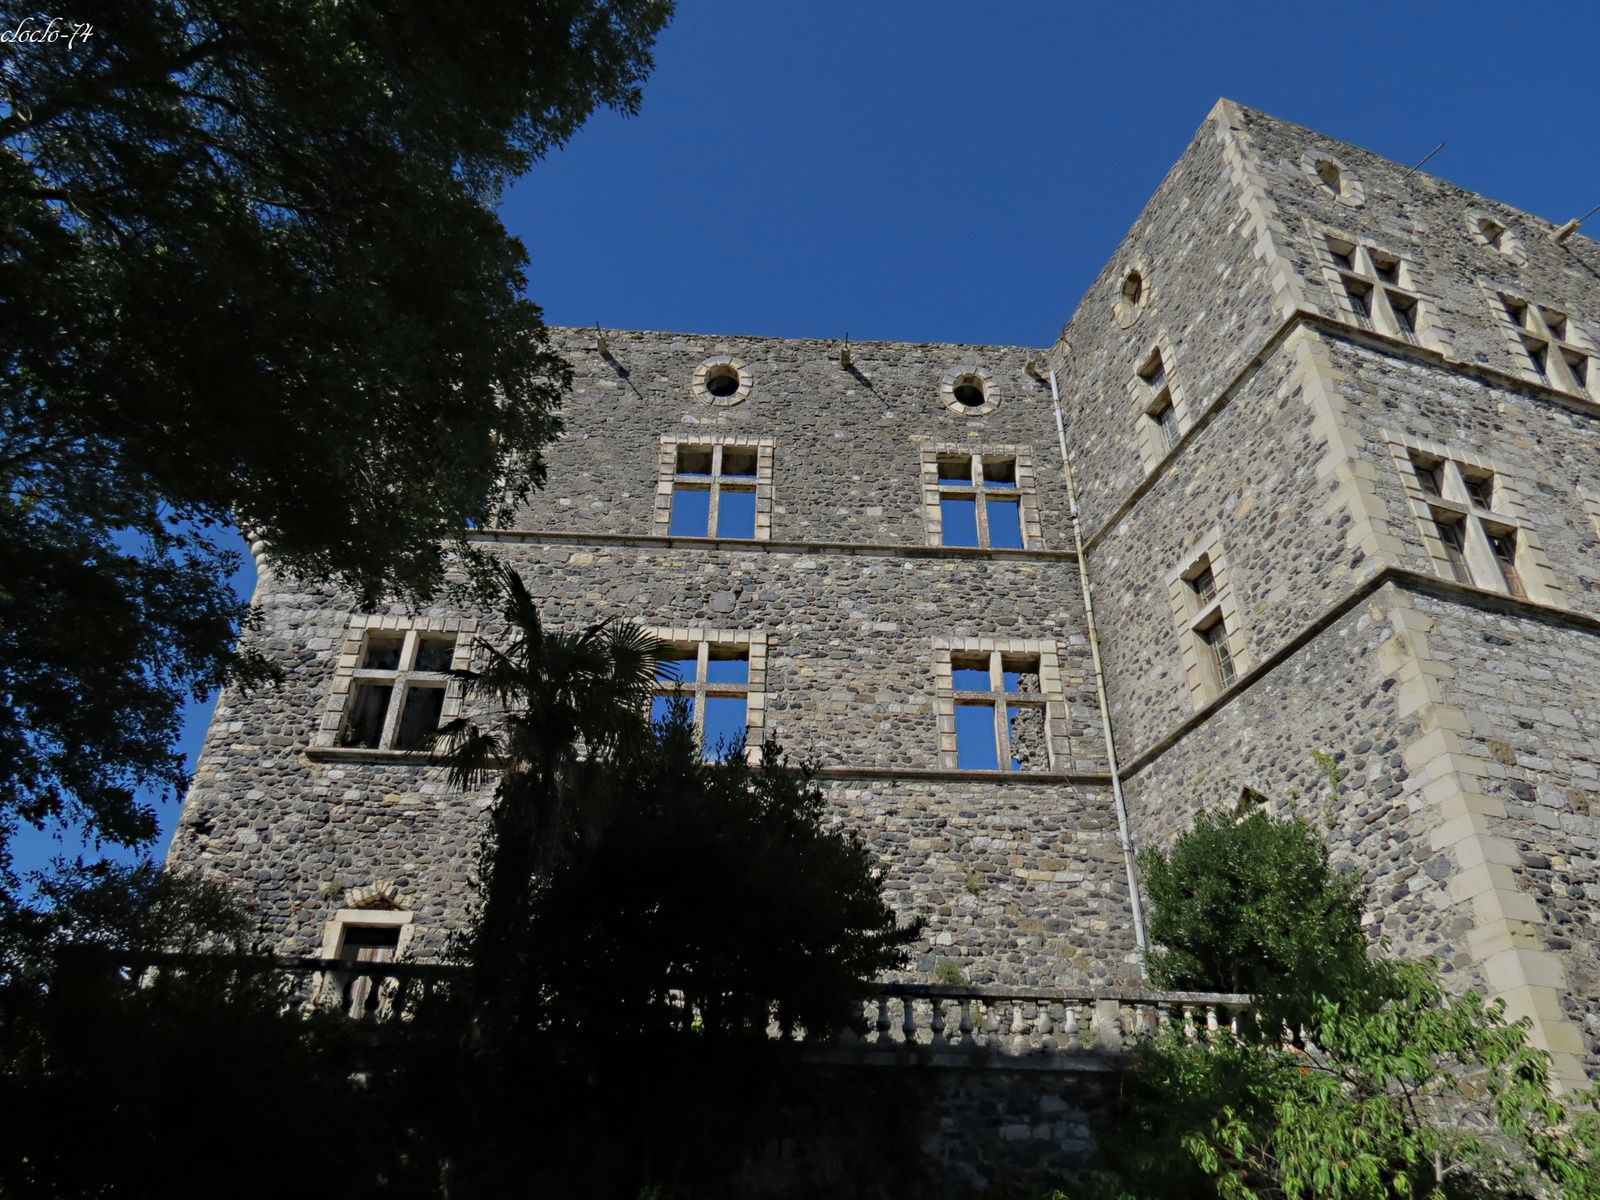 l'extérieur du château sur une photo vous pouvez voir une façade en trompe l'oeil